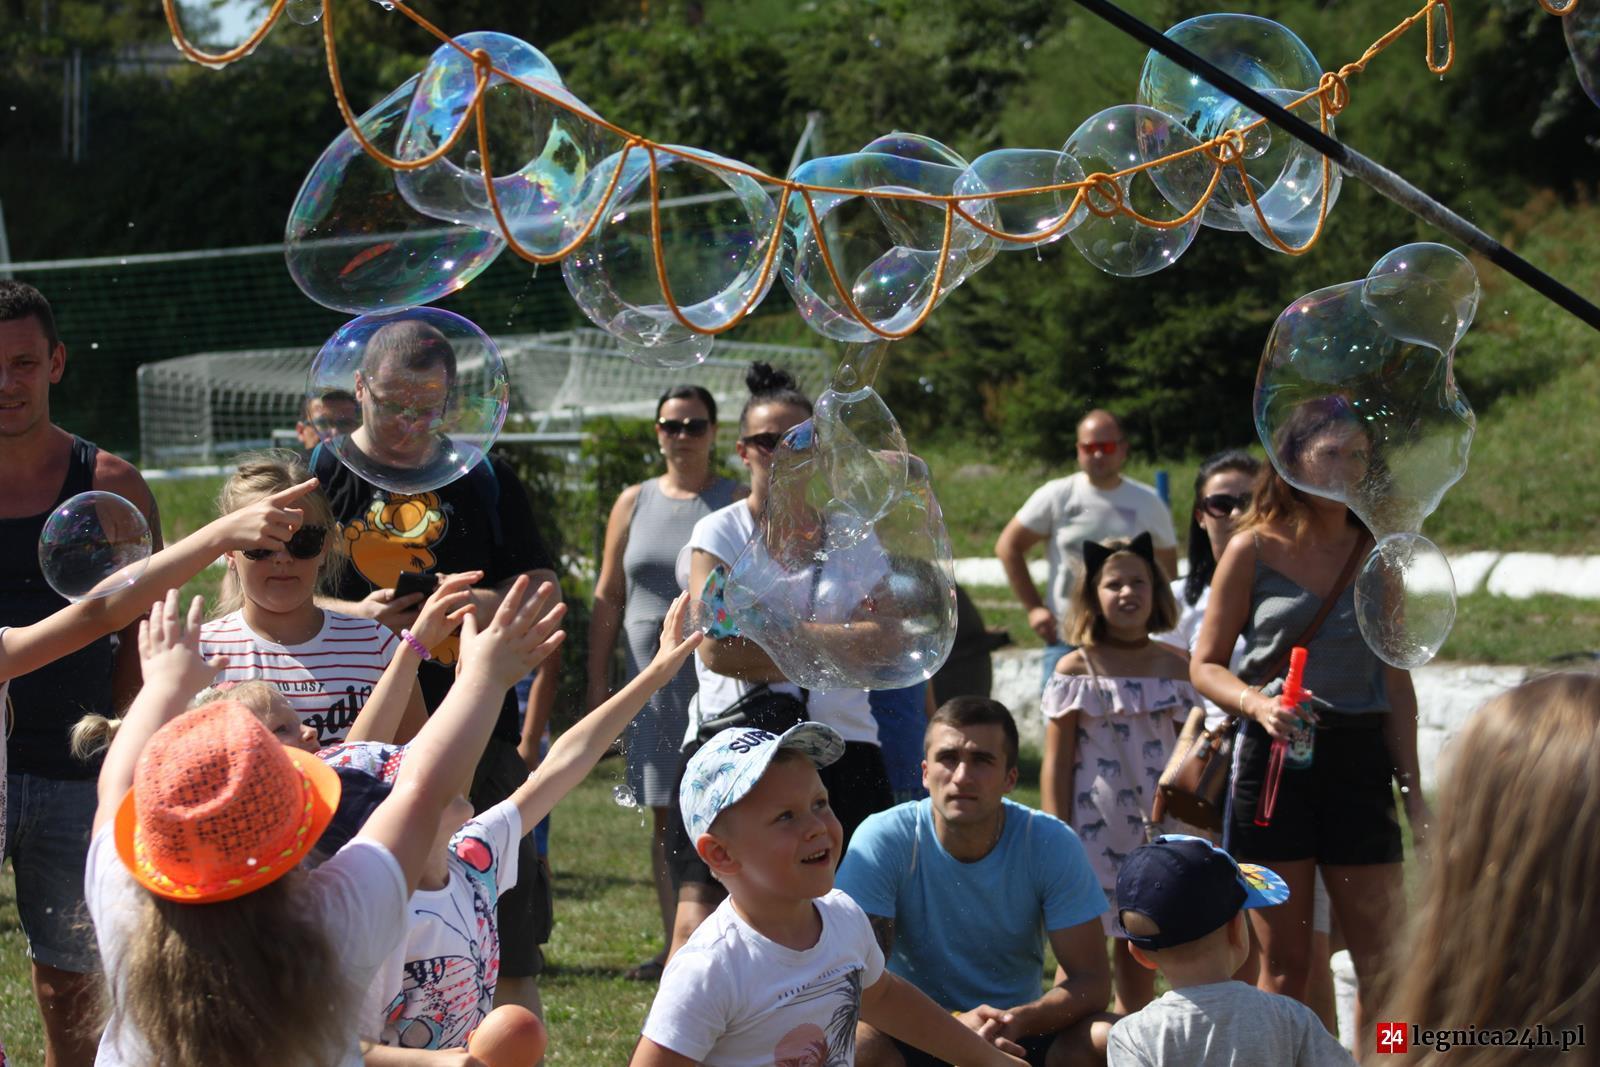 (FOTO) Festiwal Baniek Mydlanych i Kolor Fest na stadionie Konfeks w Legnicy